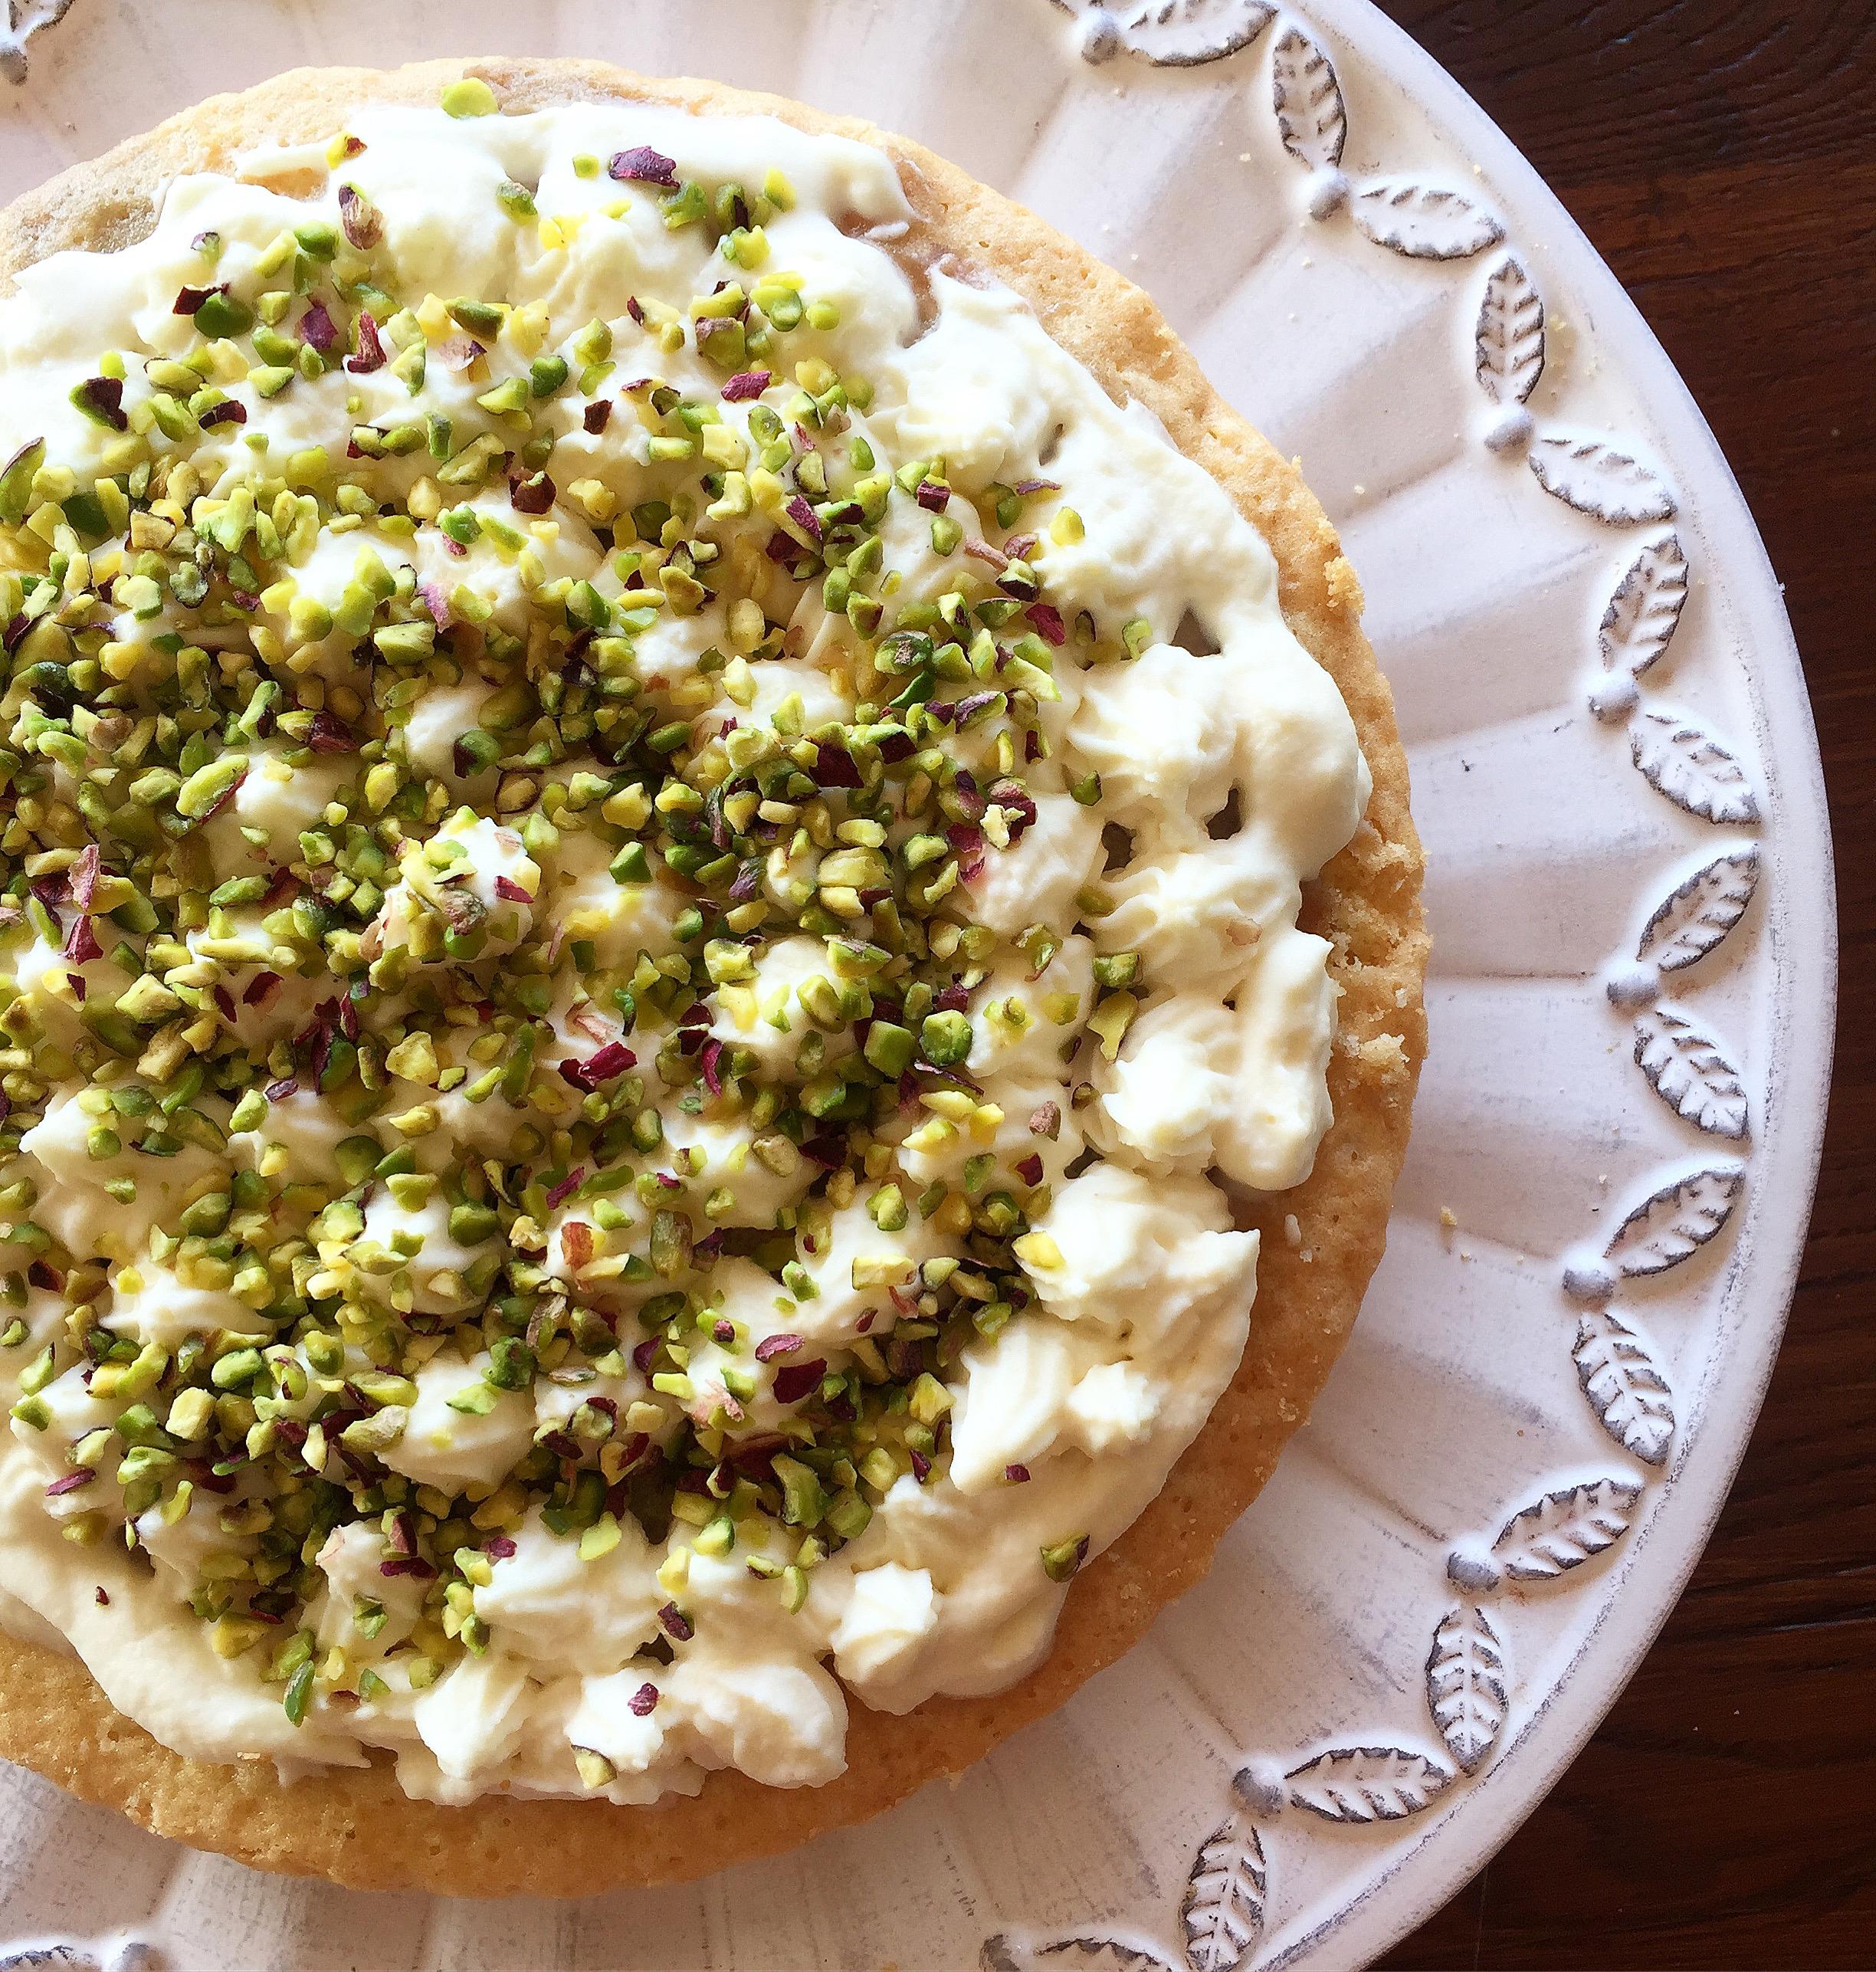 Crostata Morbida alla Crema Senza Burro, un dolce originale fresco e goloso di dolci senza burro!